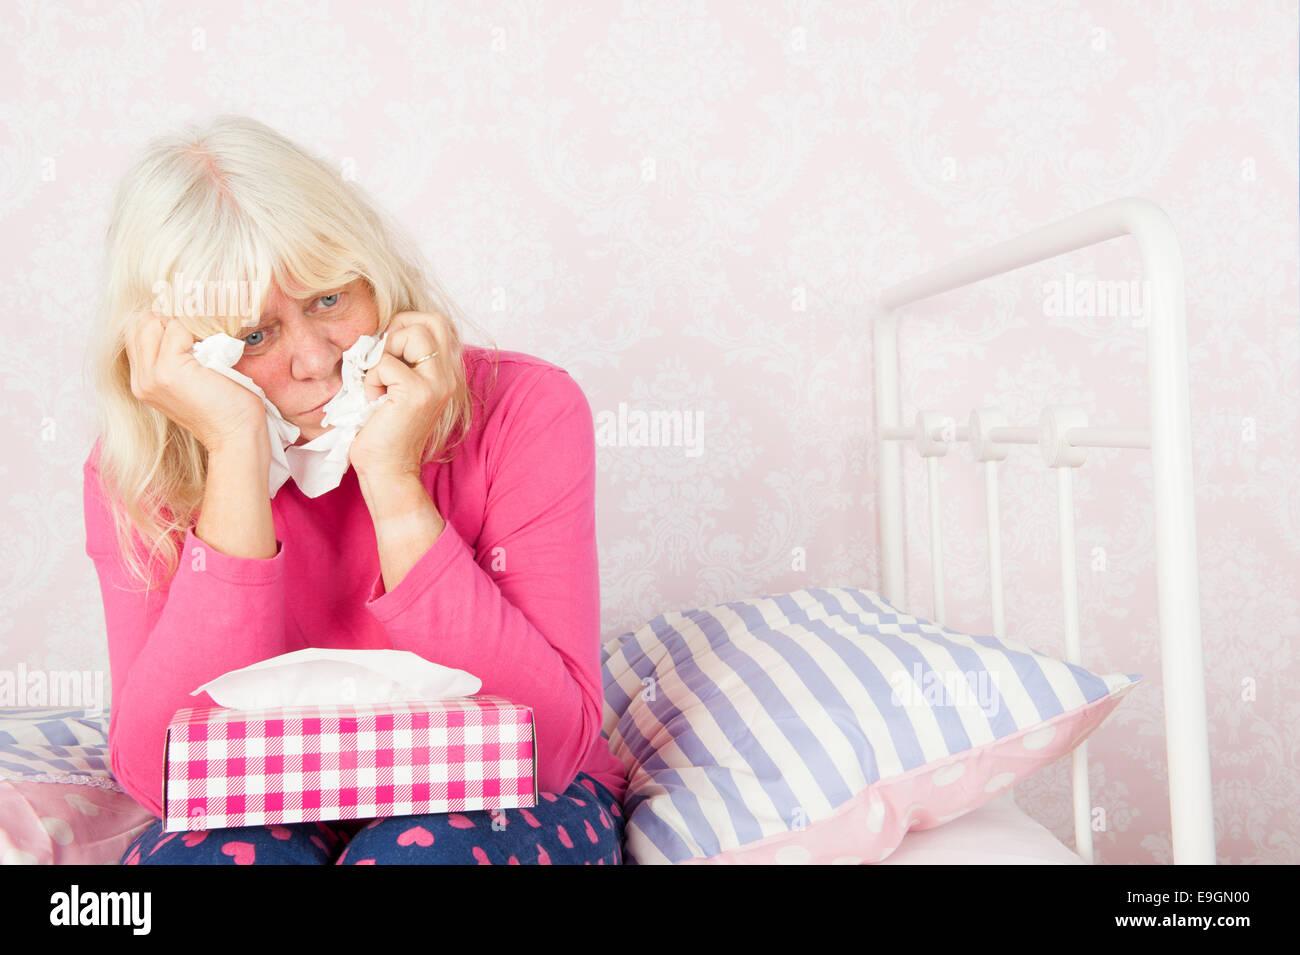 Triste donna con rosa pigiama e tessuti seduto sul bordo del letto Immagini Stock